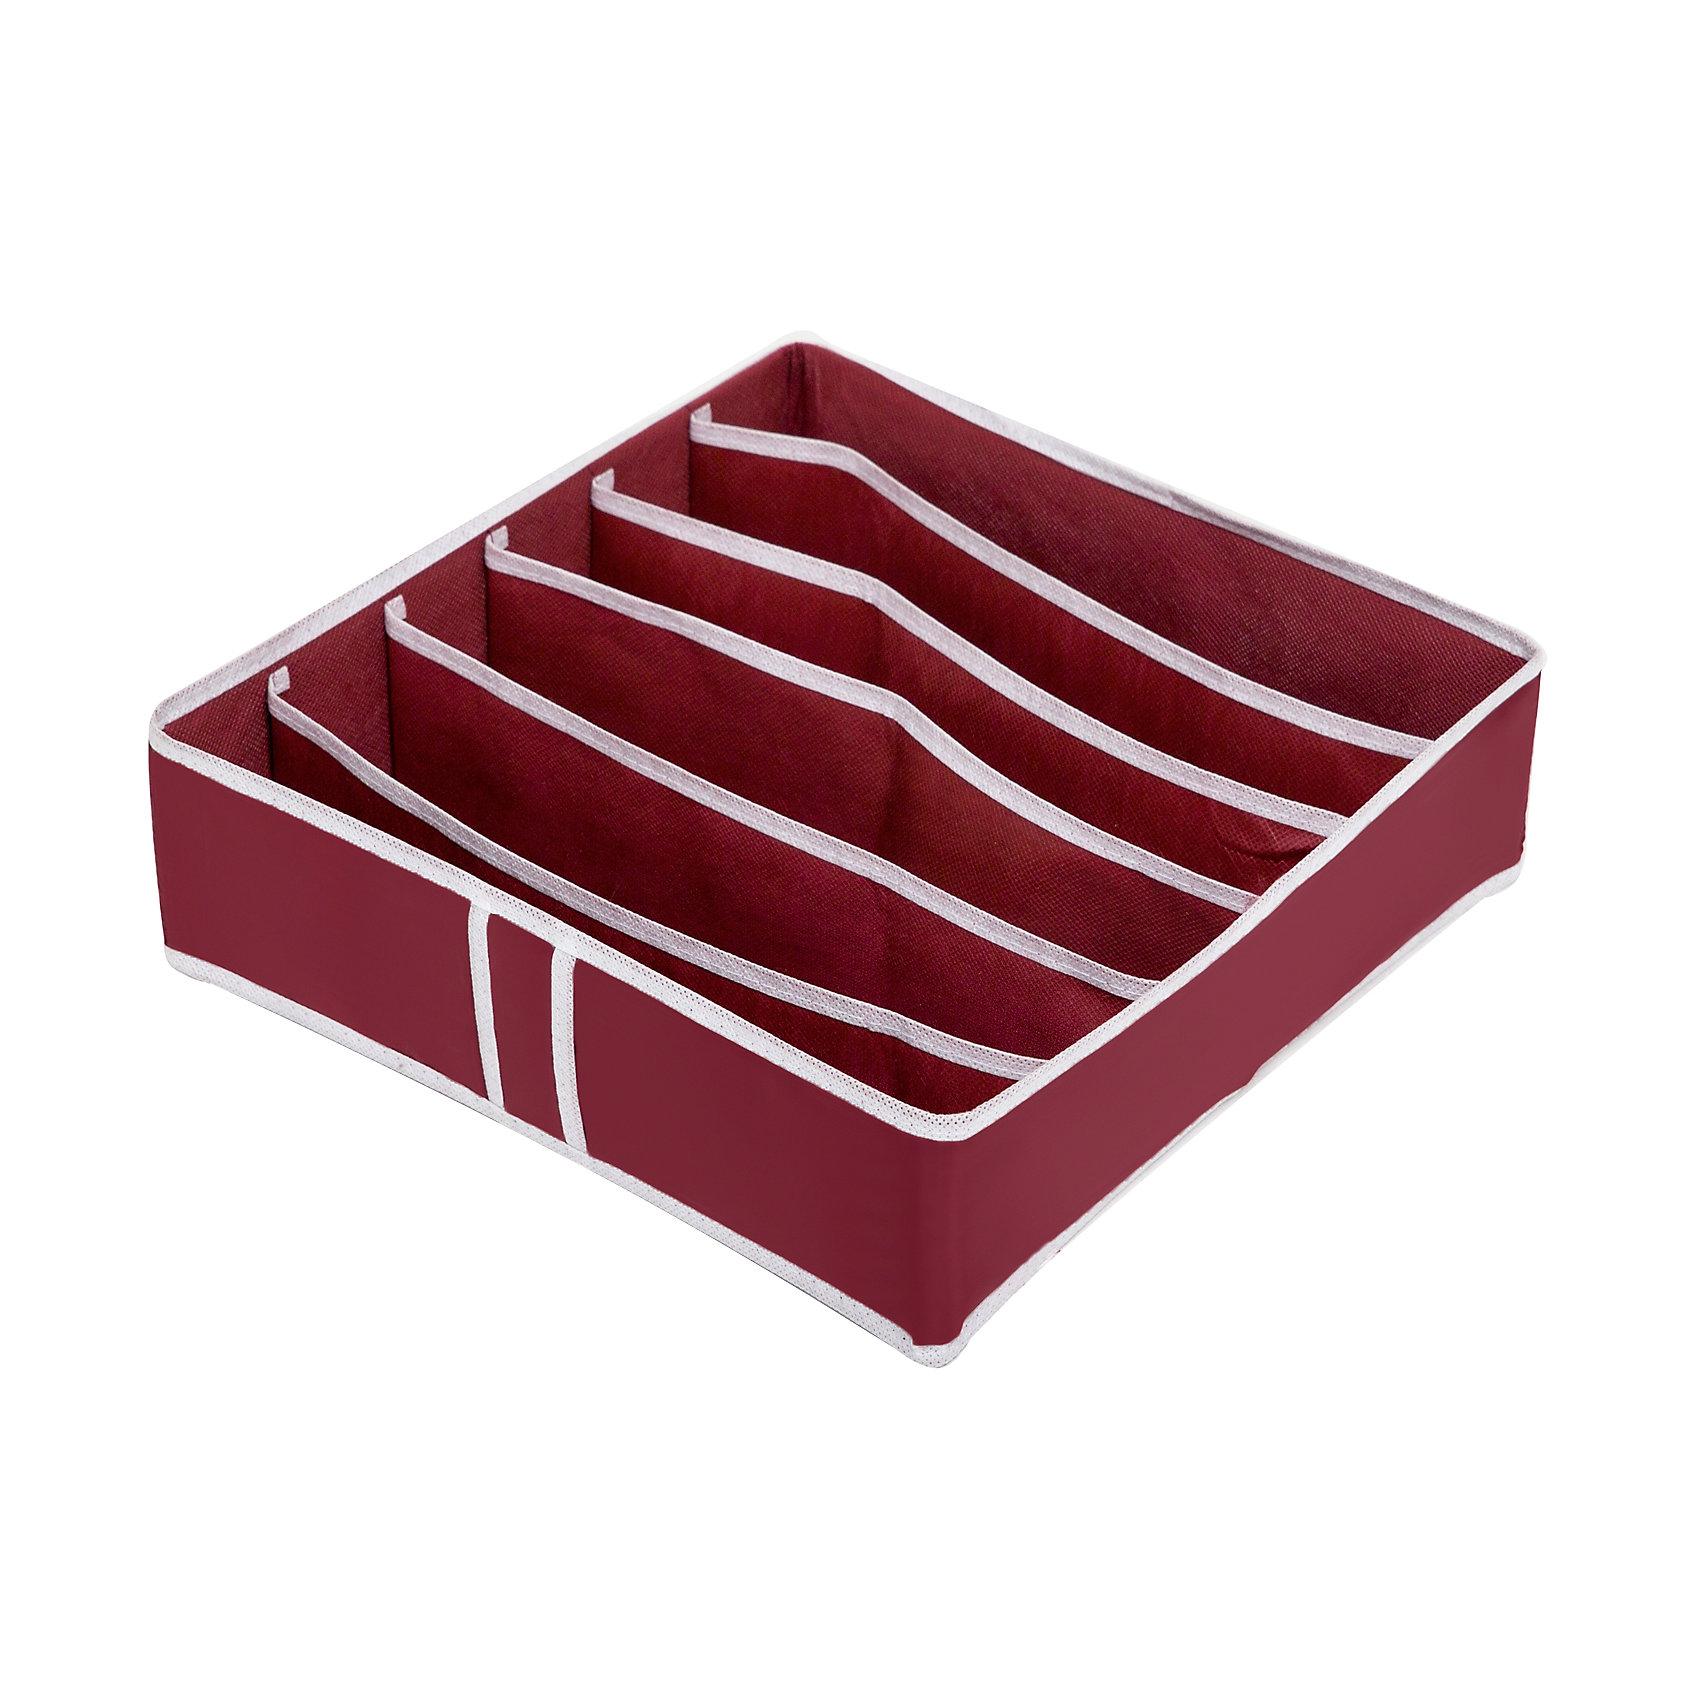 Органайзер для бюстгальтеров на 6 ячеек Red Rose, HomsuПорядок в детской<br>Квадратный и плоский органайзер имеет 6 раздельных ячеек размером 32Х5см, очень удобен для хранения вещей среднего размера в вашем ящике или на полке. Идеально для бюстгальтеров, нижнего белья и других вещей ежедневного пользования. Имеет жесткие борта, что является гарантией сохранности вещей. Подходит в шкафы Били от Икея.<br><br>Ширина мм: 350<br>Глубина мм: 100<br>Высота мм: 20<br>Вес г: 200<br>Возраст от месяцев: 216<br>Возраст до месяцев: 1188<br>Пол: Женский<br>Возраст: Детский<br>SKU: 5620233